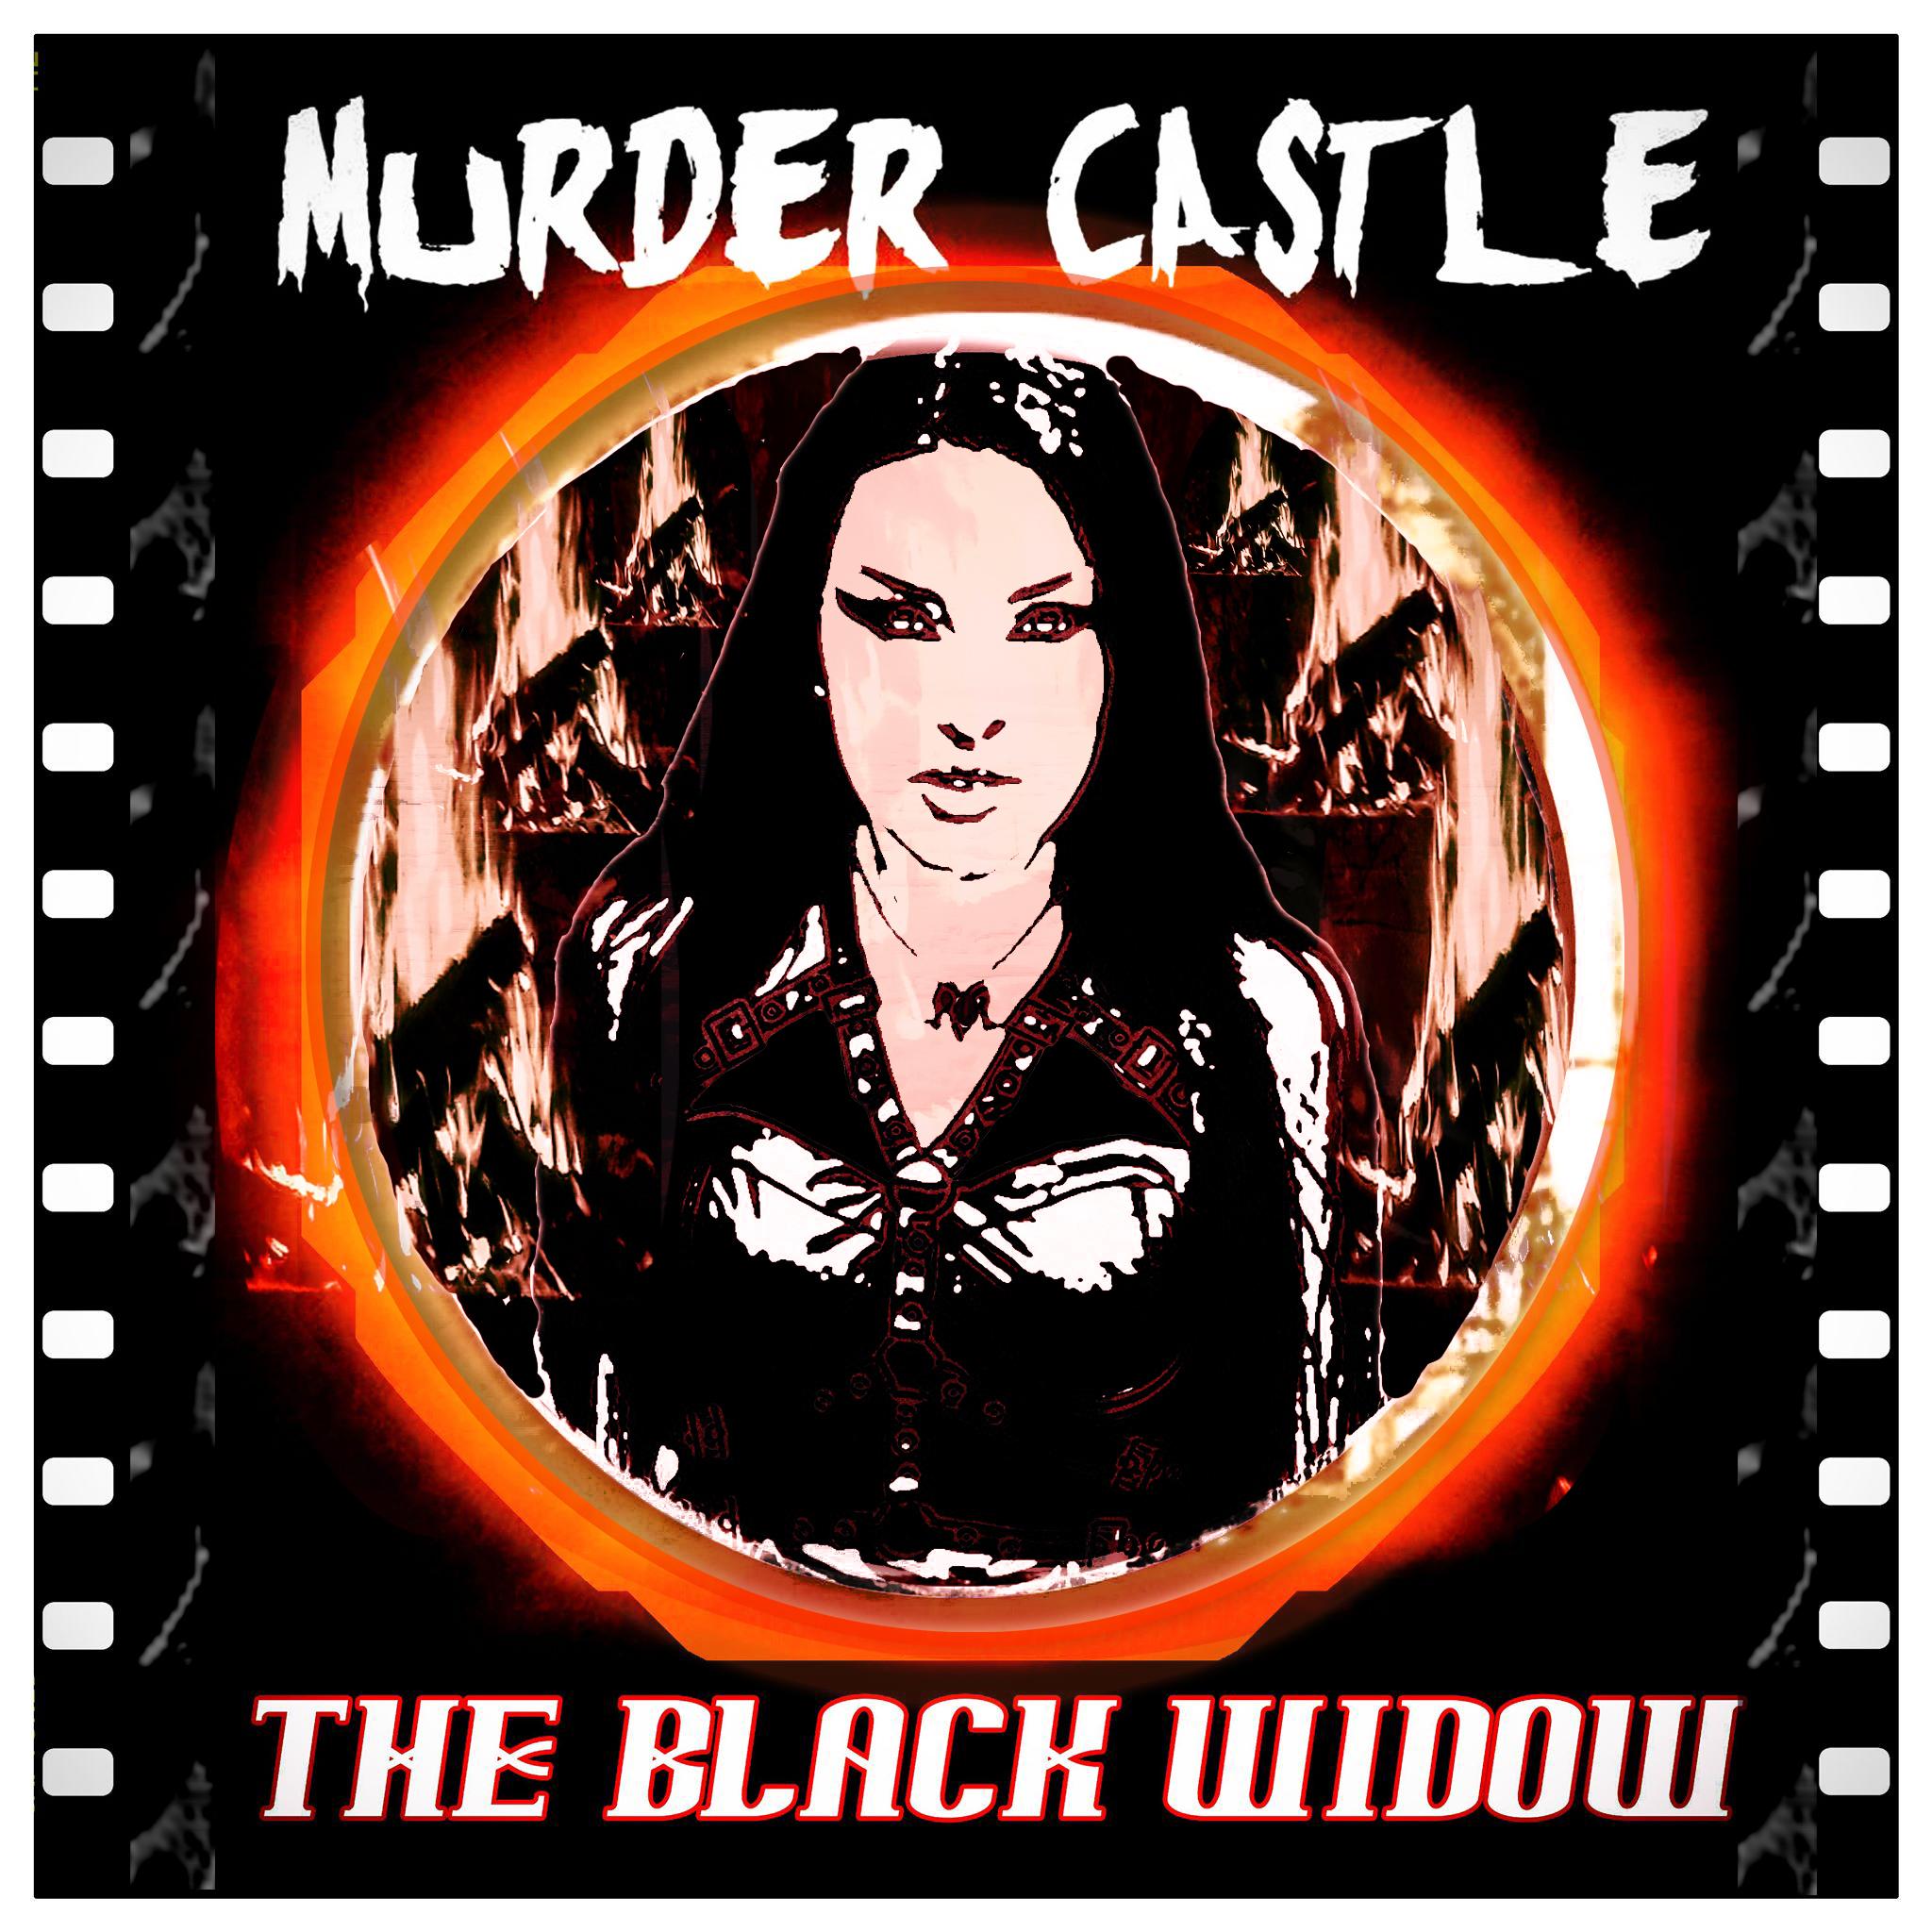 Murder Castle The Black Widow